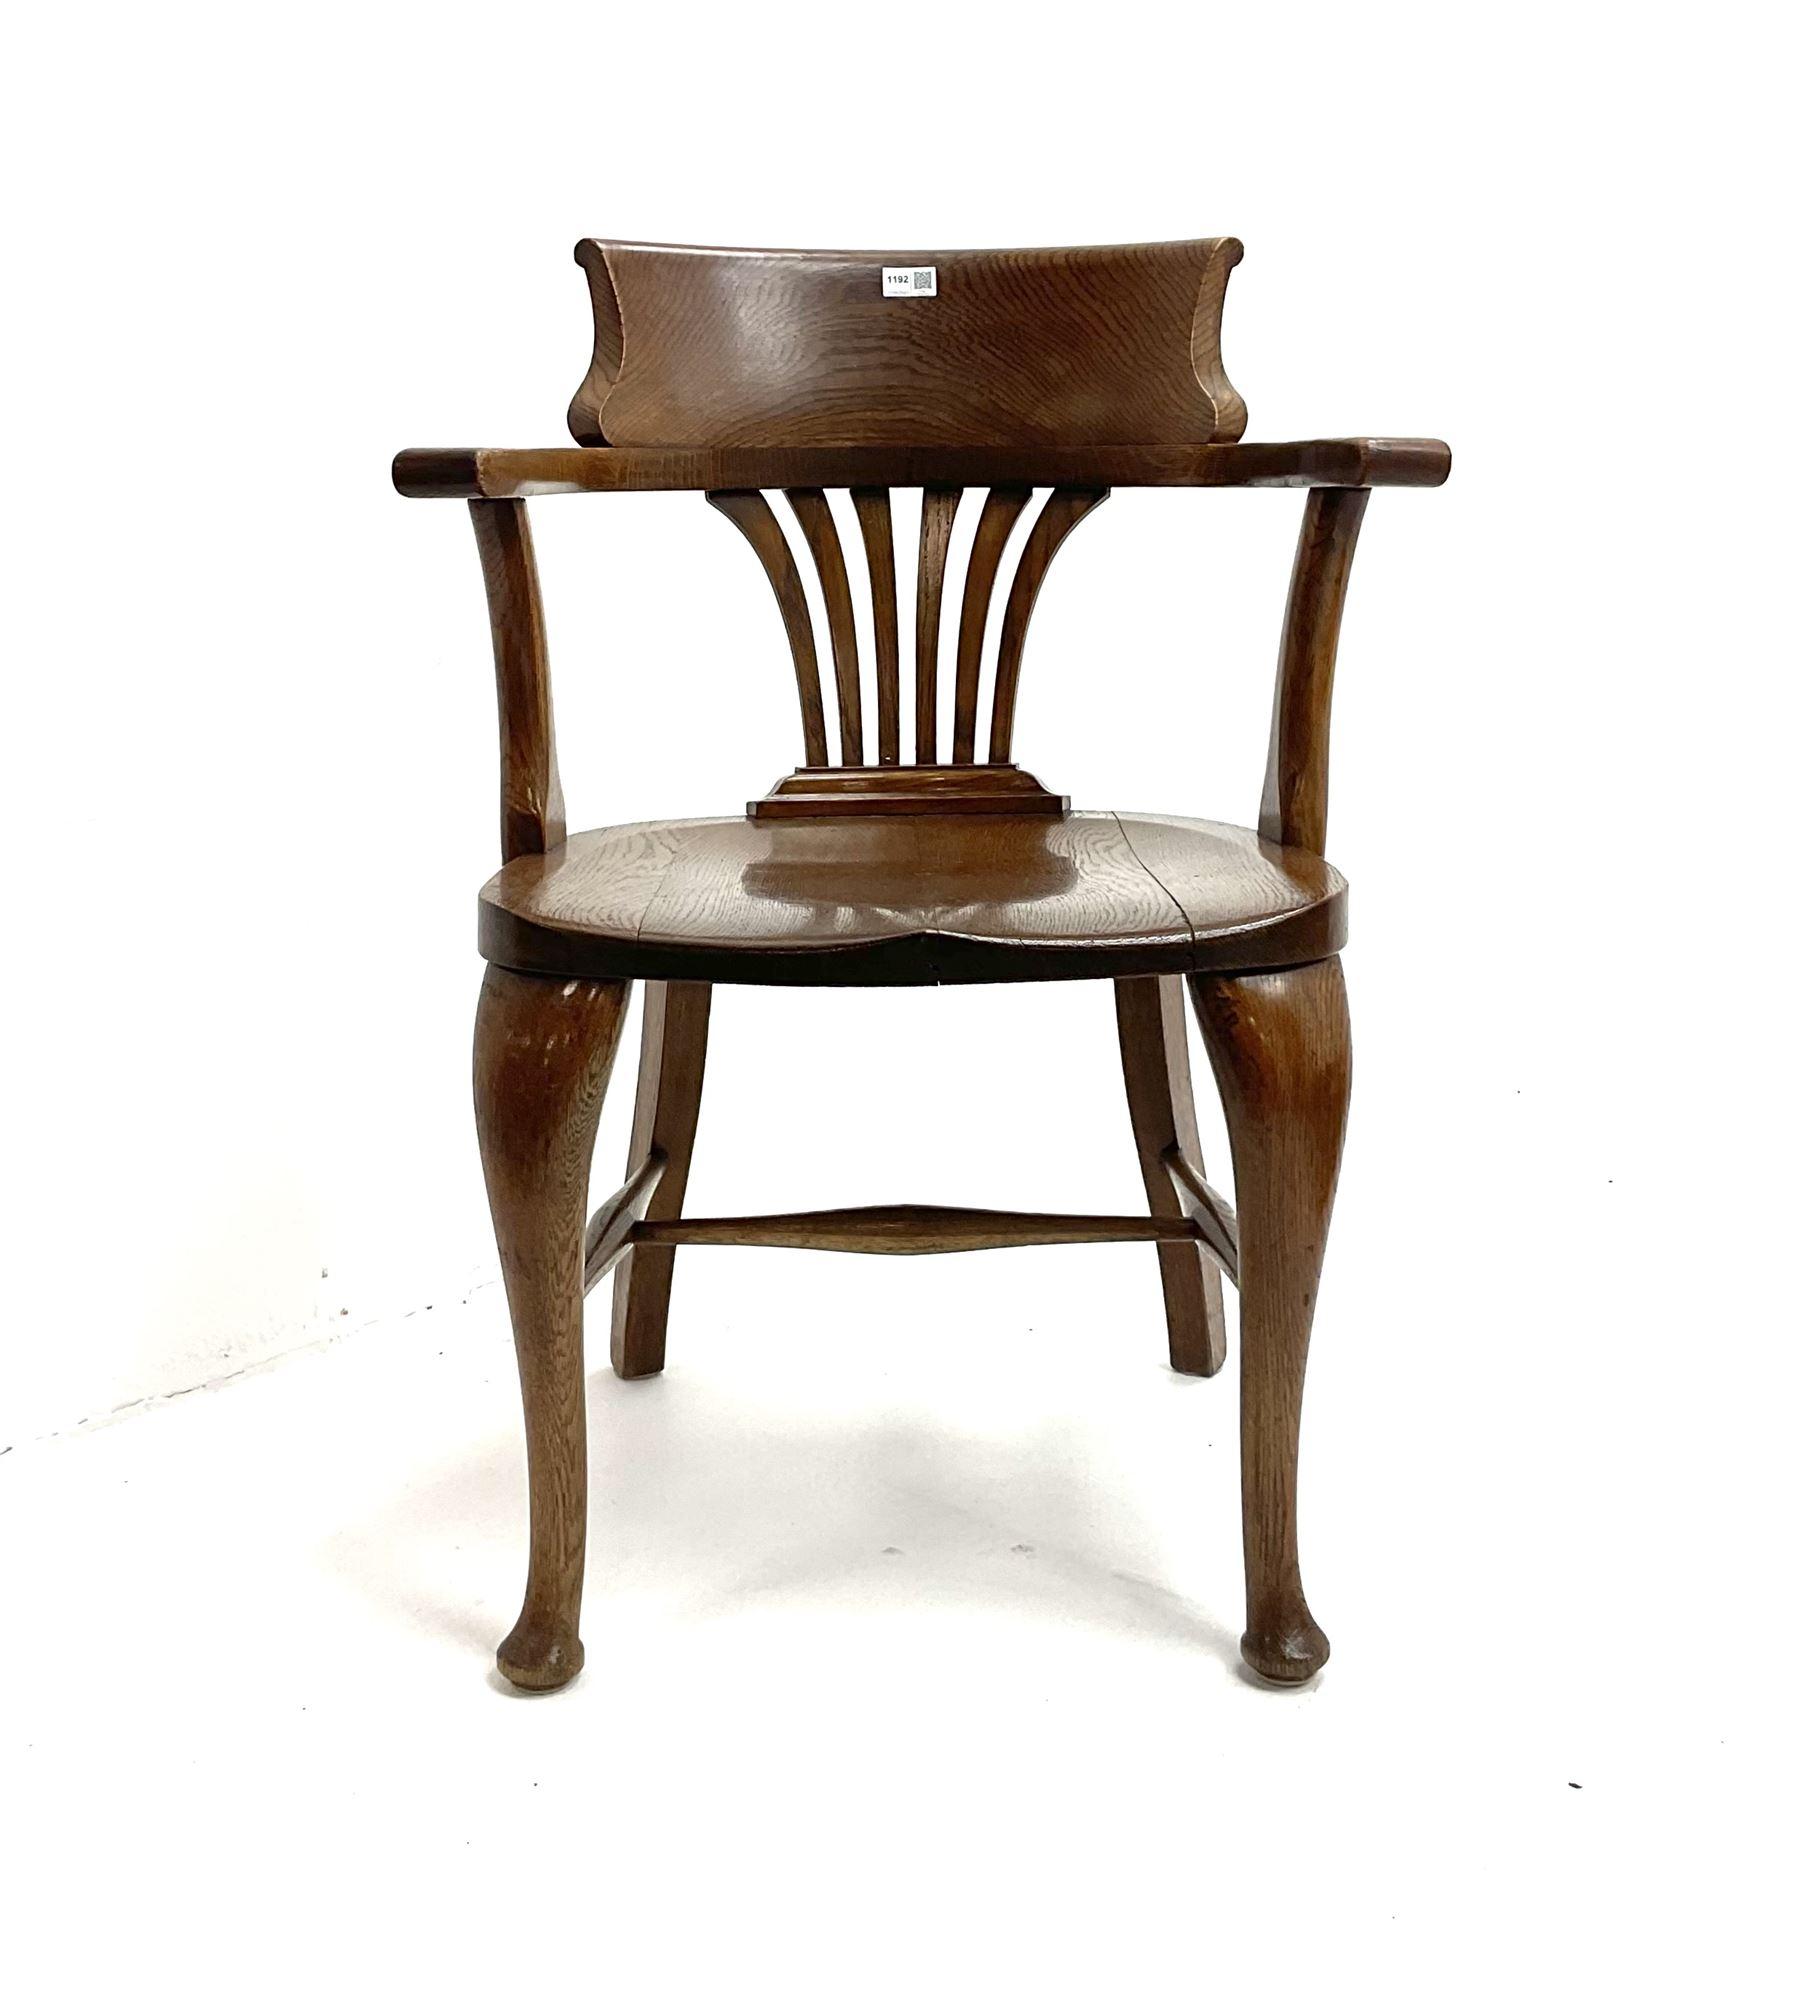 19th century oak desk chair